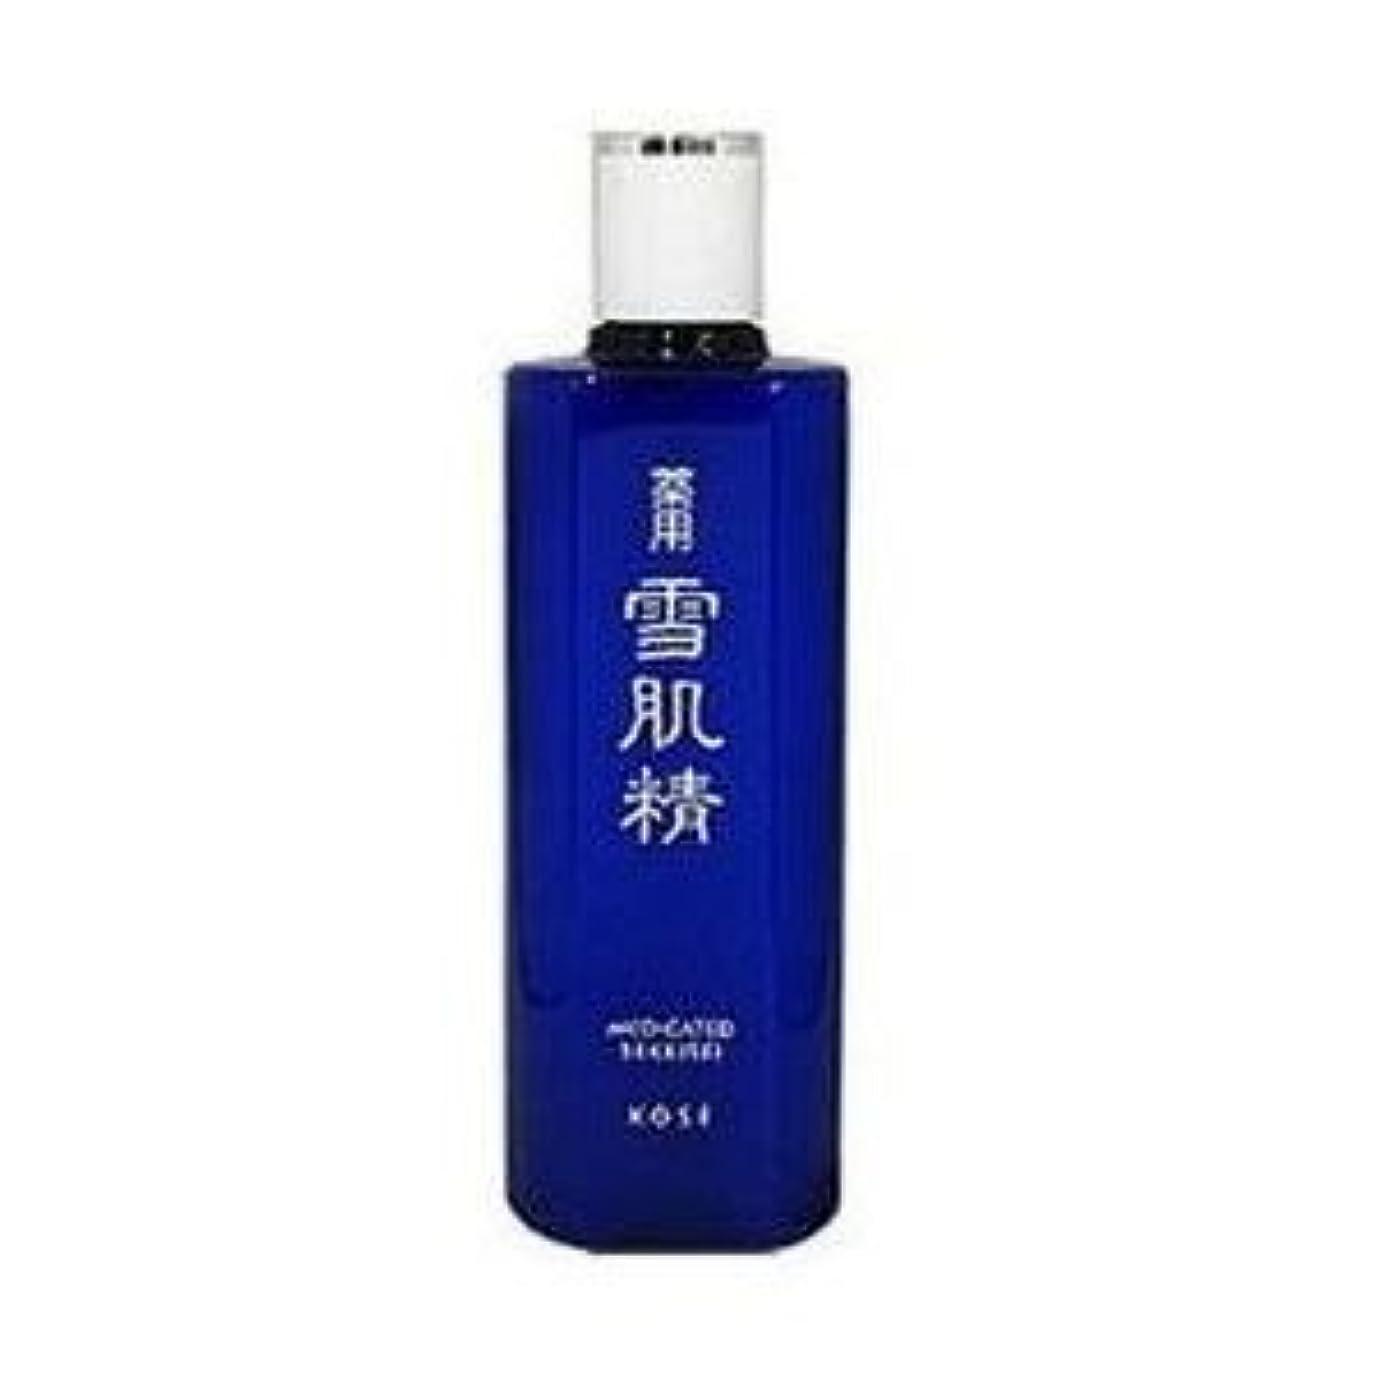 きつく求める再集計KOSE コーセー 薬用 雪肌精 化粧水 360ml【重量447g】